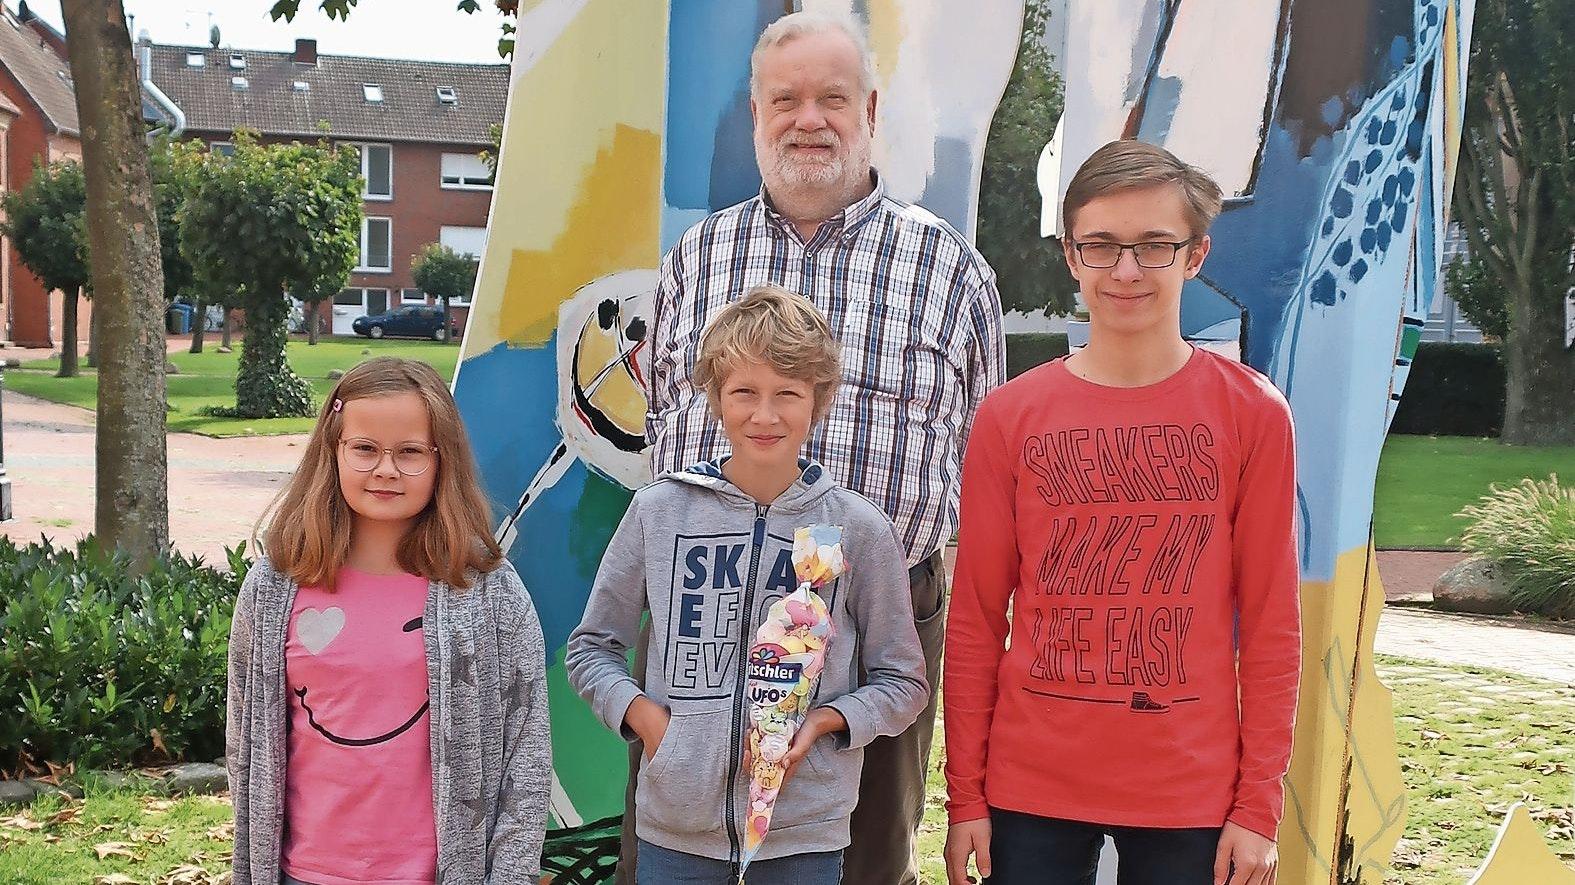 Die Sieger: Bernhard Willoh vom Heimatverein überreichte den Gewinnern der Geschichtsrallye die Preise. Von links: Lilly Möhlenkamp, Hanno Eck und Stephan Arlinghaus. Foto: Martin Richter <br>